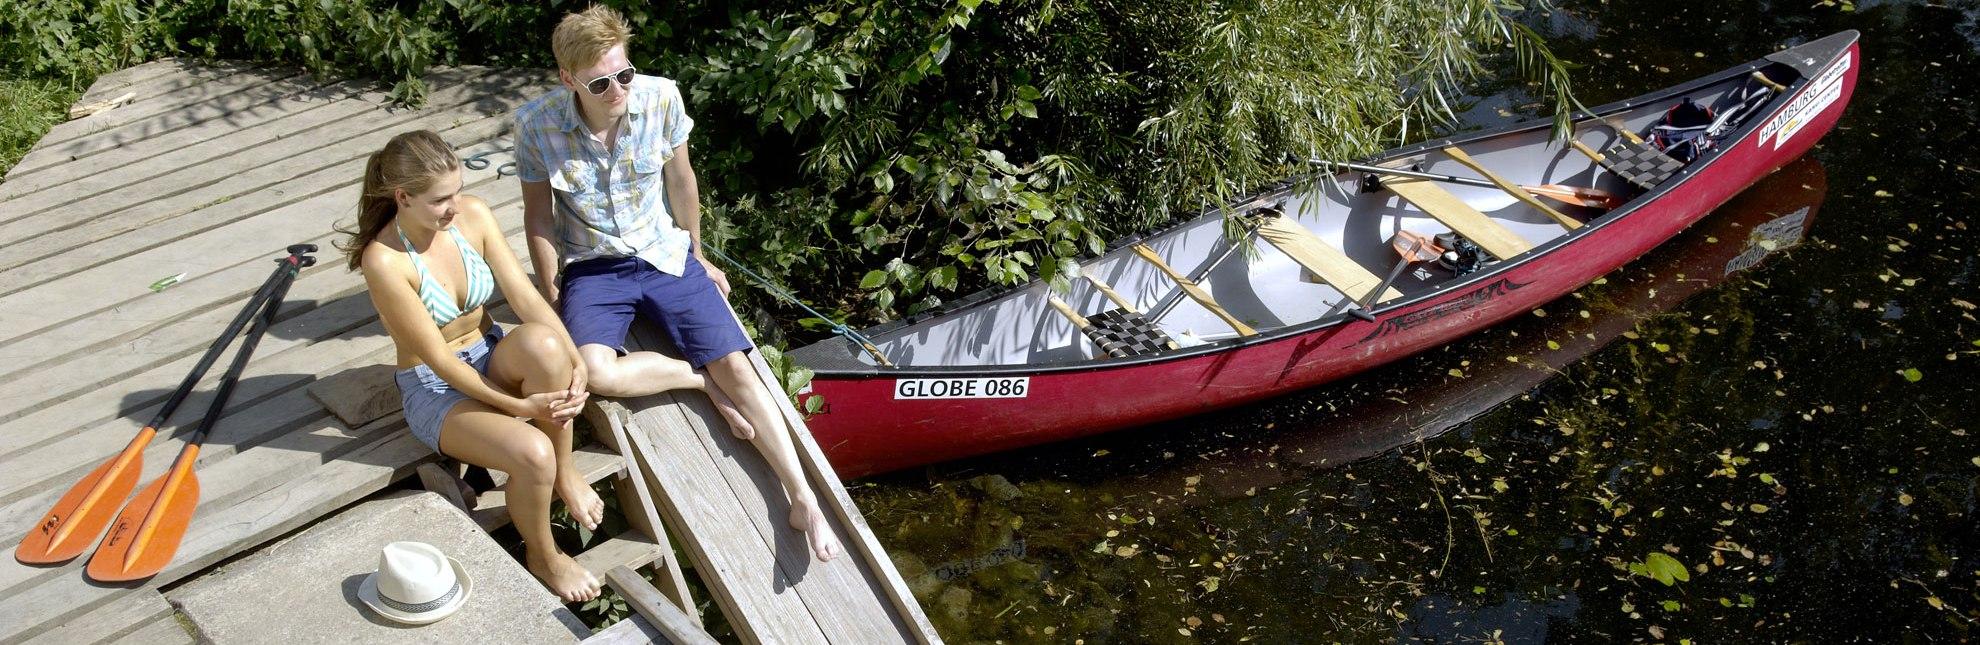 Regelmäßige Pausen erhöhen das Paddelvergnügen., © photocompany GmbH / HLMS GmbH